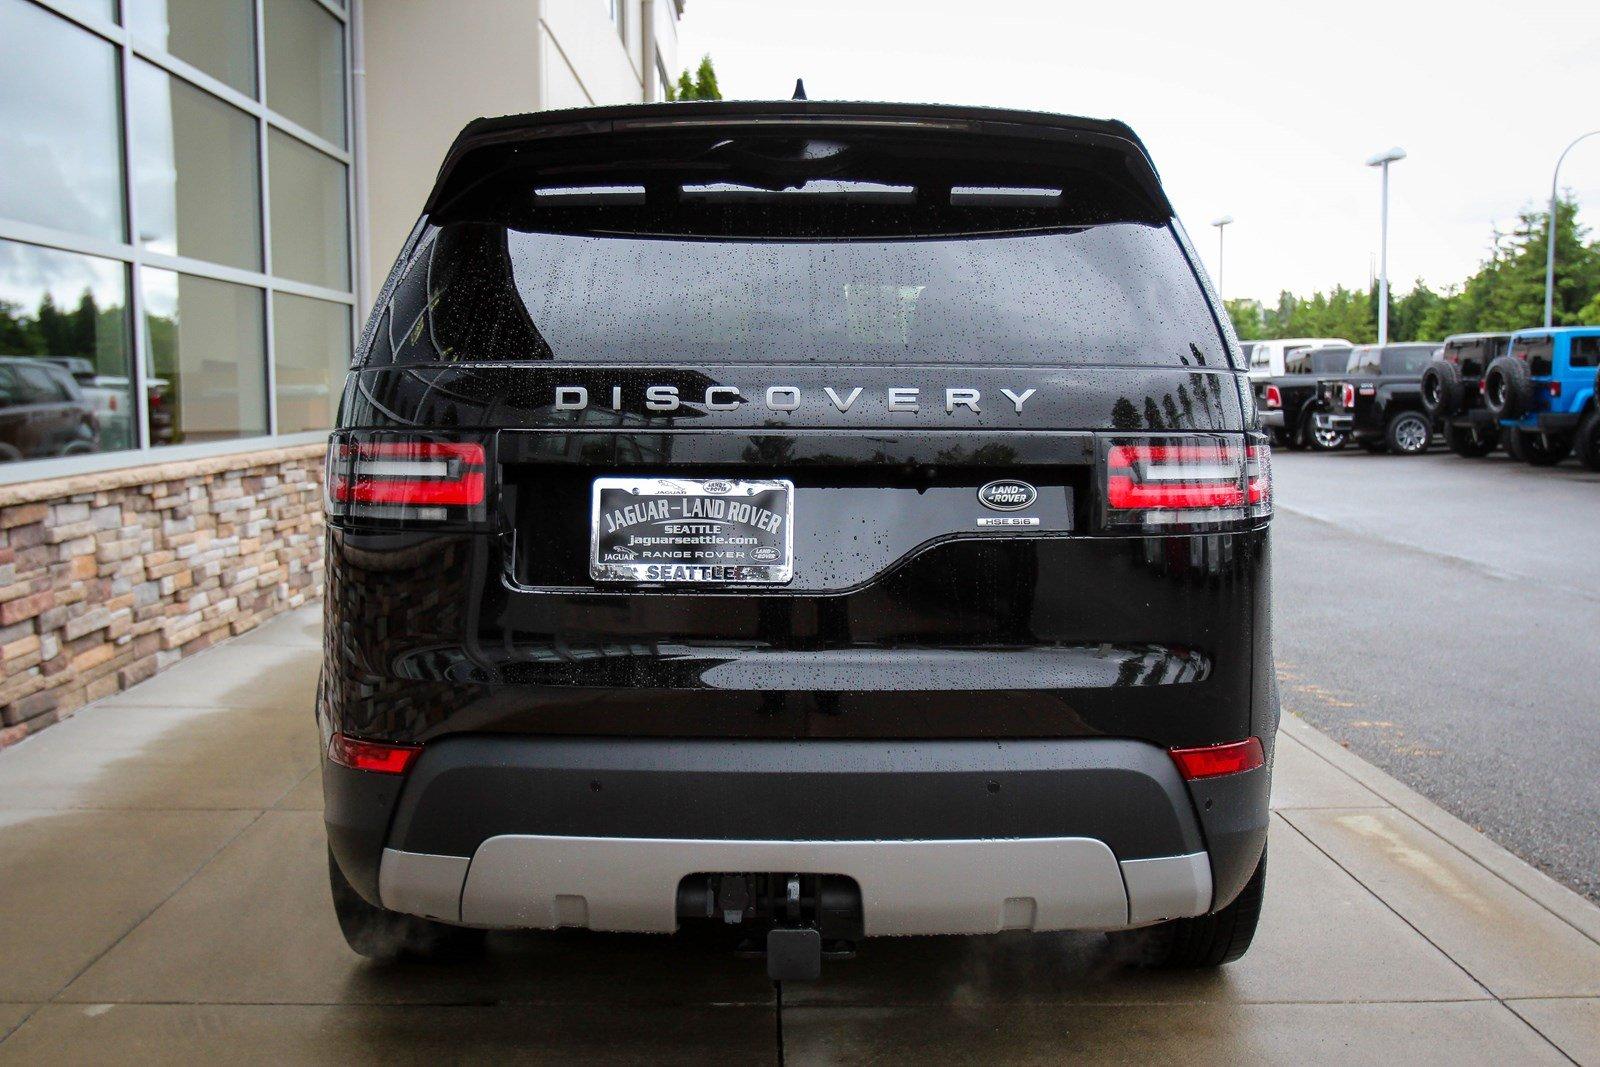 Giá Xe Land Rover Discovery Đời Mới nhất Model 2018 màu đen 7 chỗ